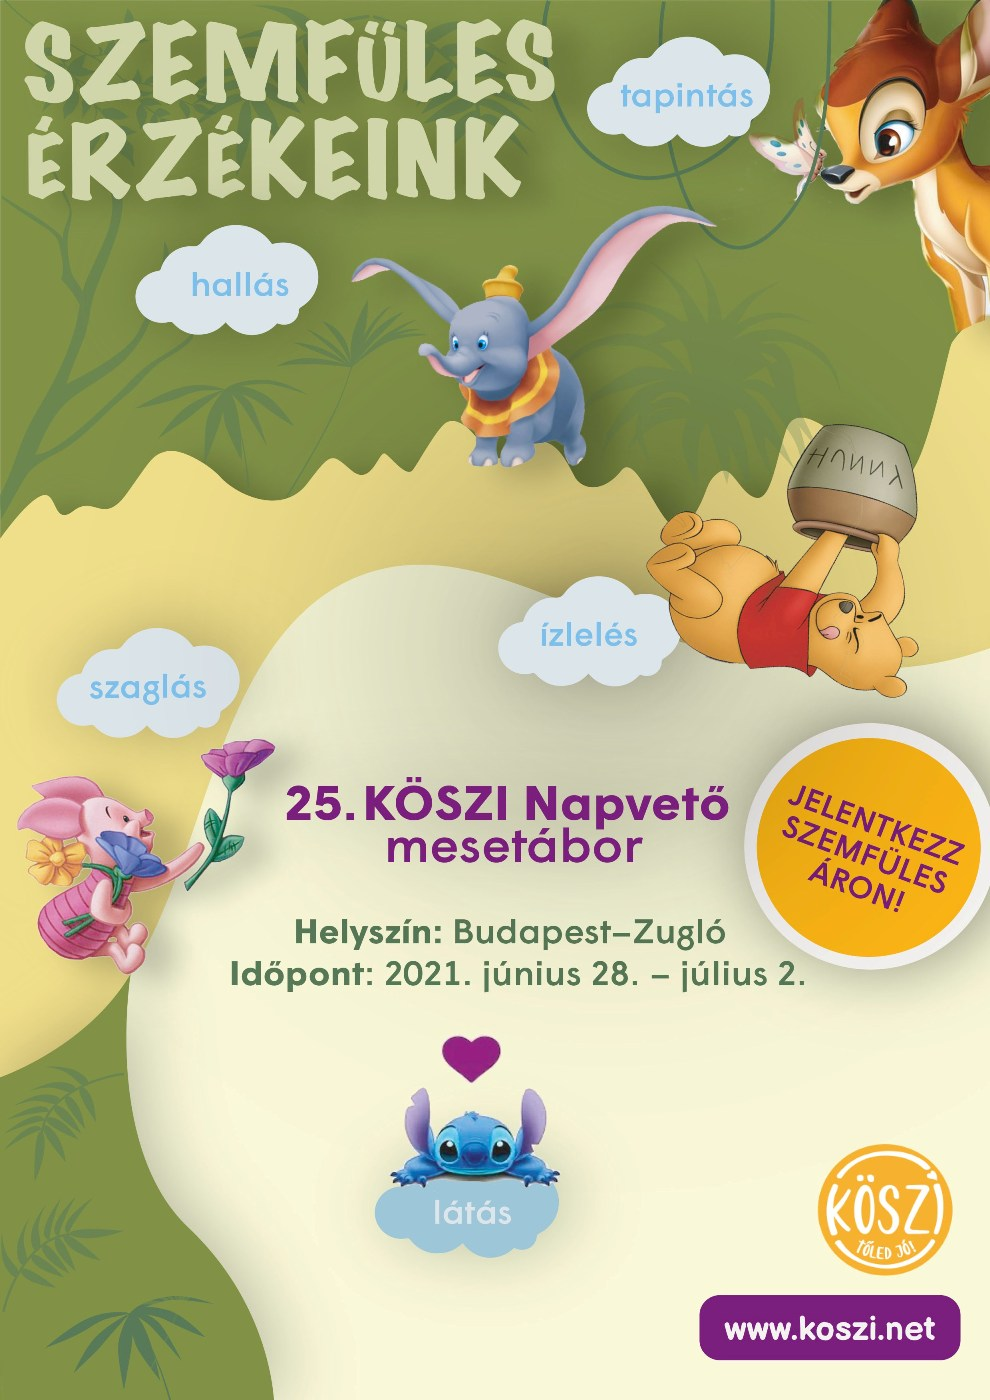 25. KÖSZI Napvető mesetábor plakát 2021